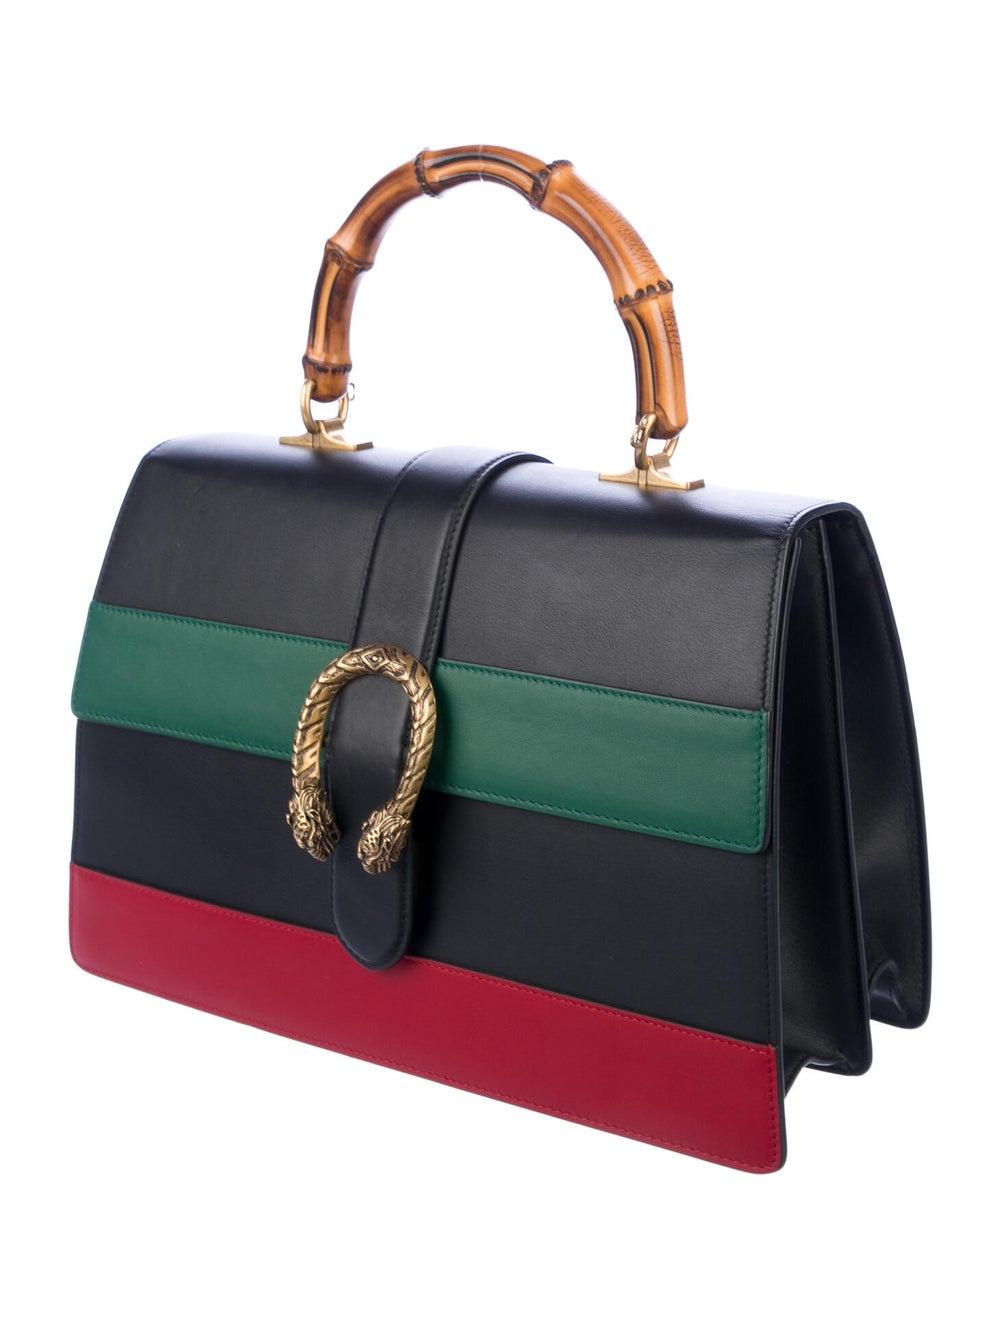 Gucci Large Dionysus Bamboo Handle Bag Black - image 3